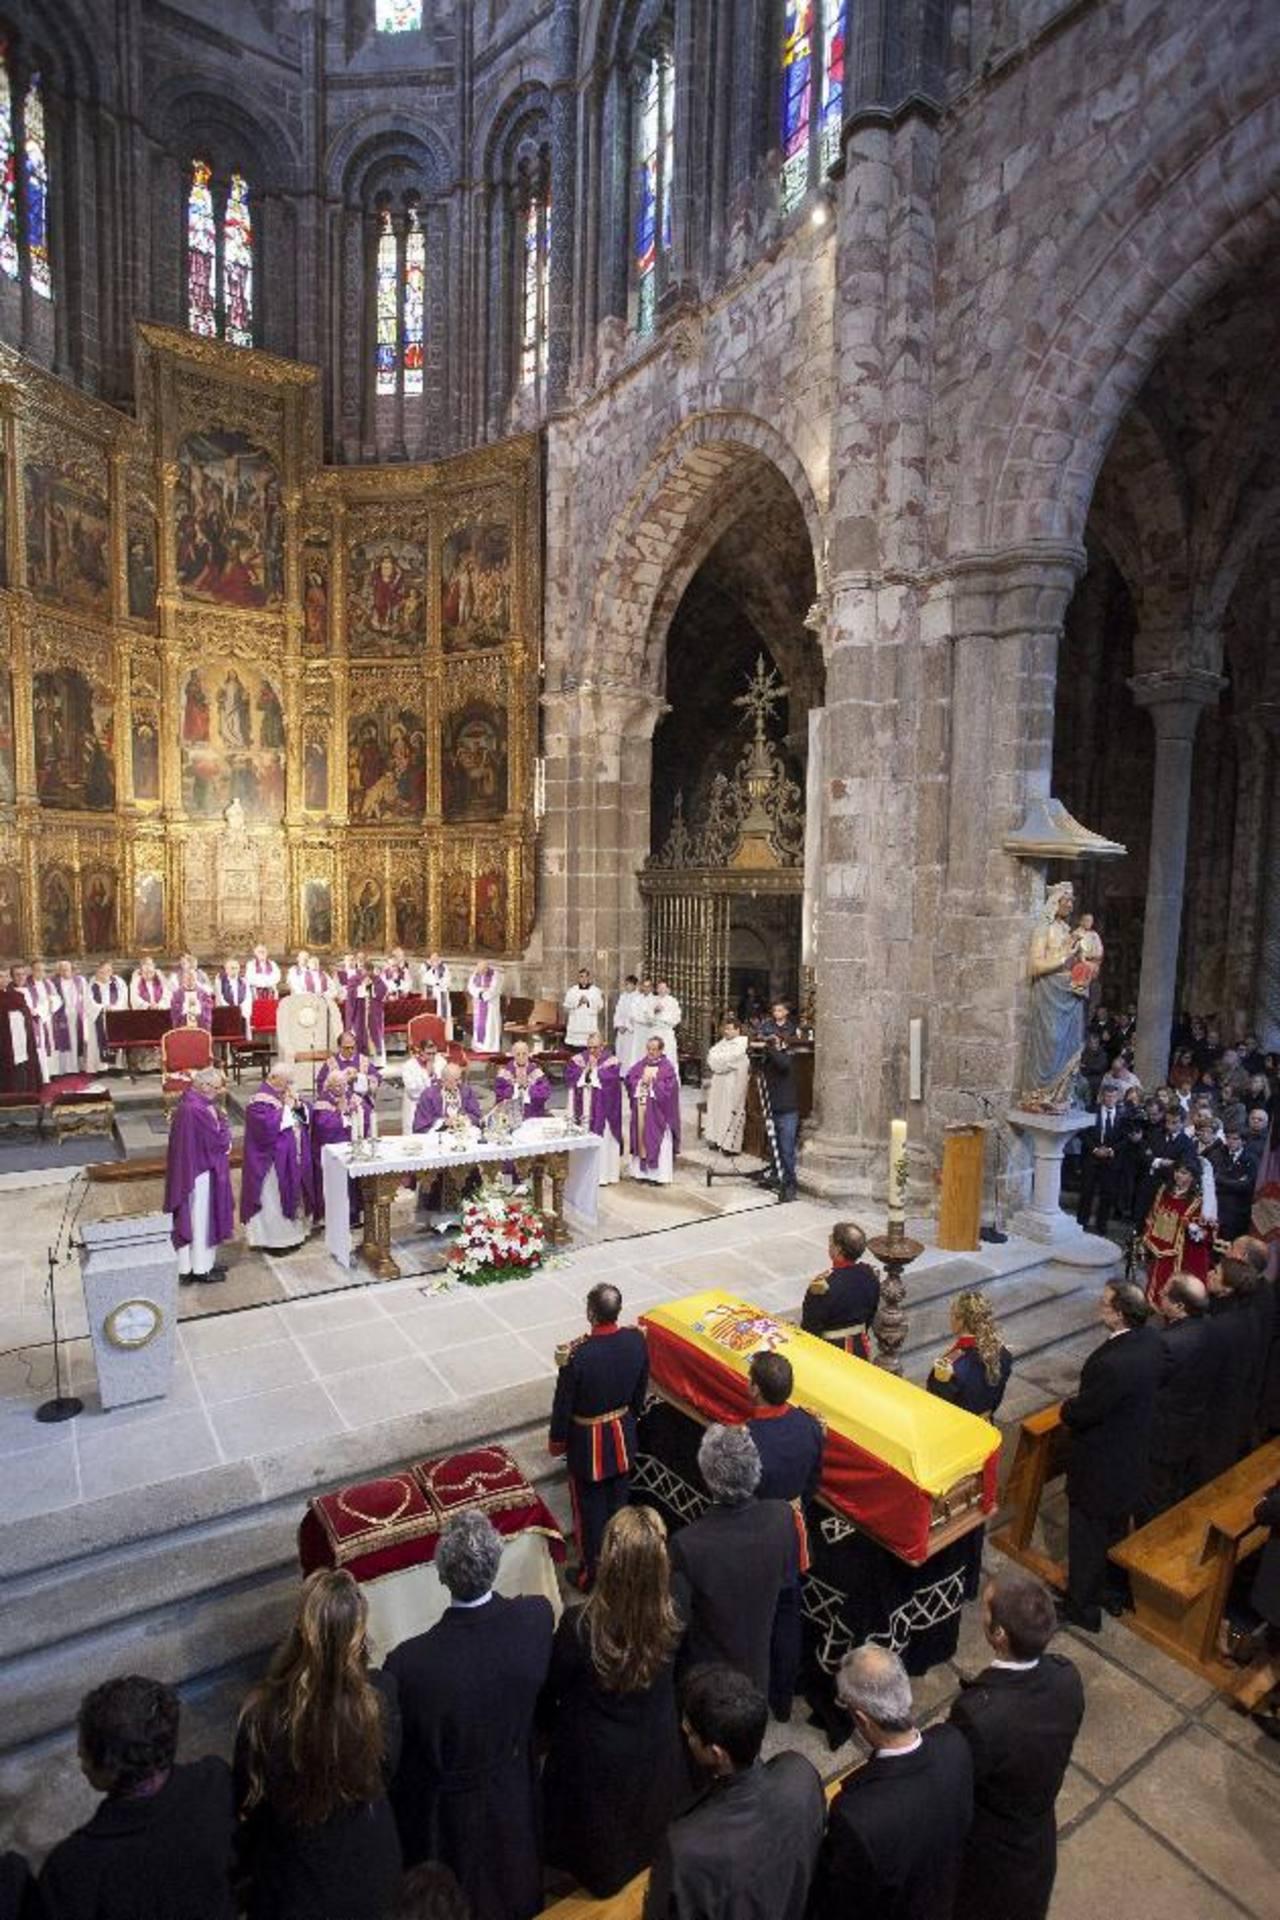 El funeral del primer presidente de Gobierno de la democracia, Adolfo Suárez, fue oficiado ayer en la catedral de Ávila, donde lo sepultaron junto a los restos de su esposa. fotos edh / EFE